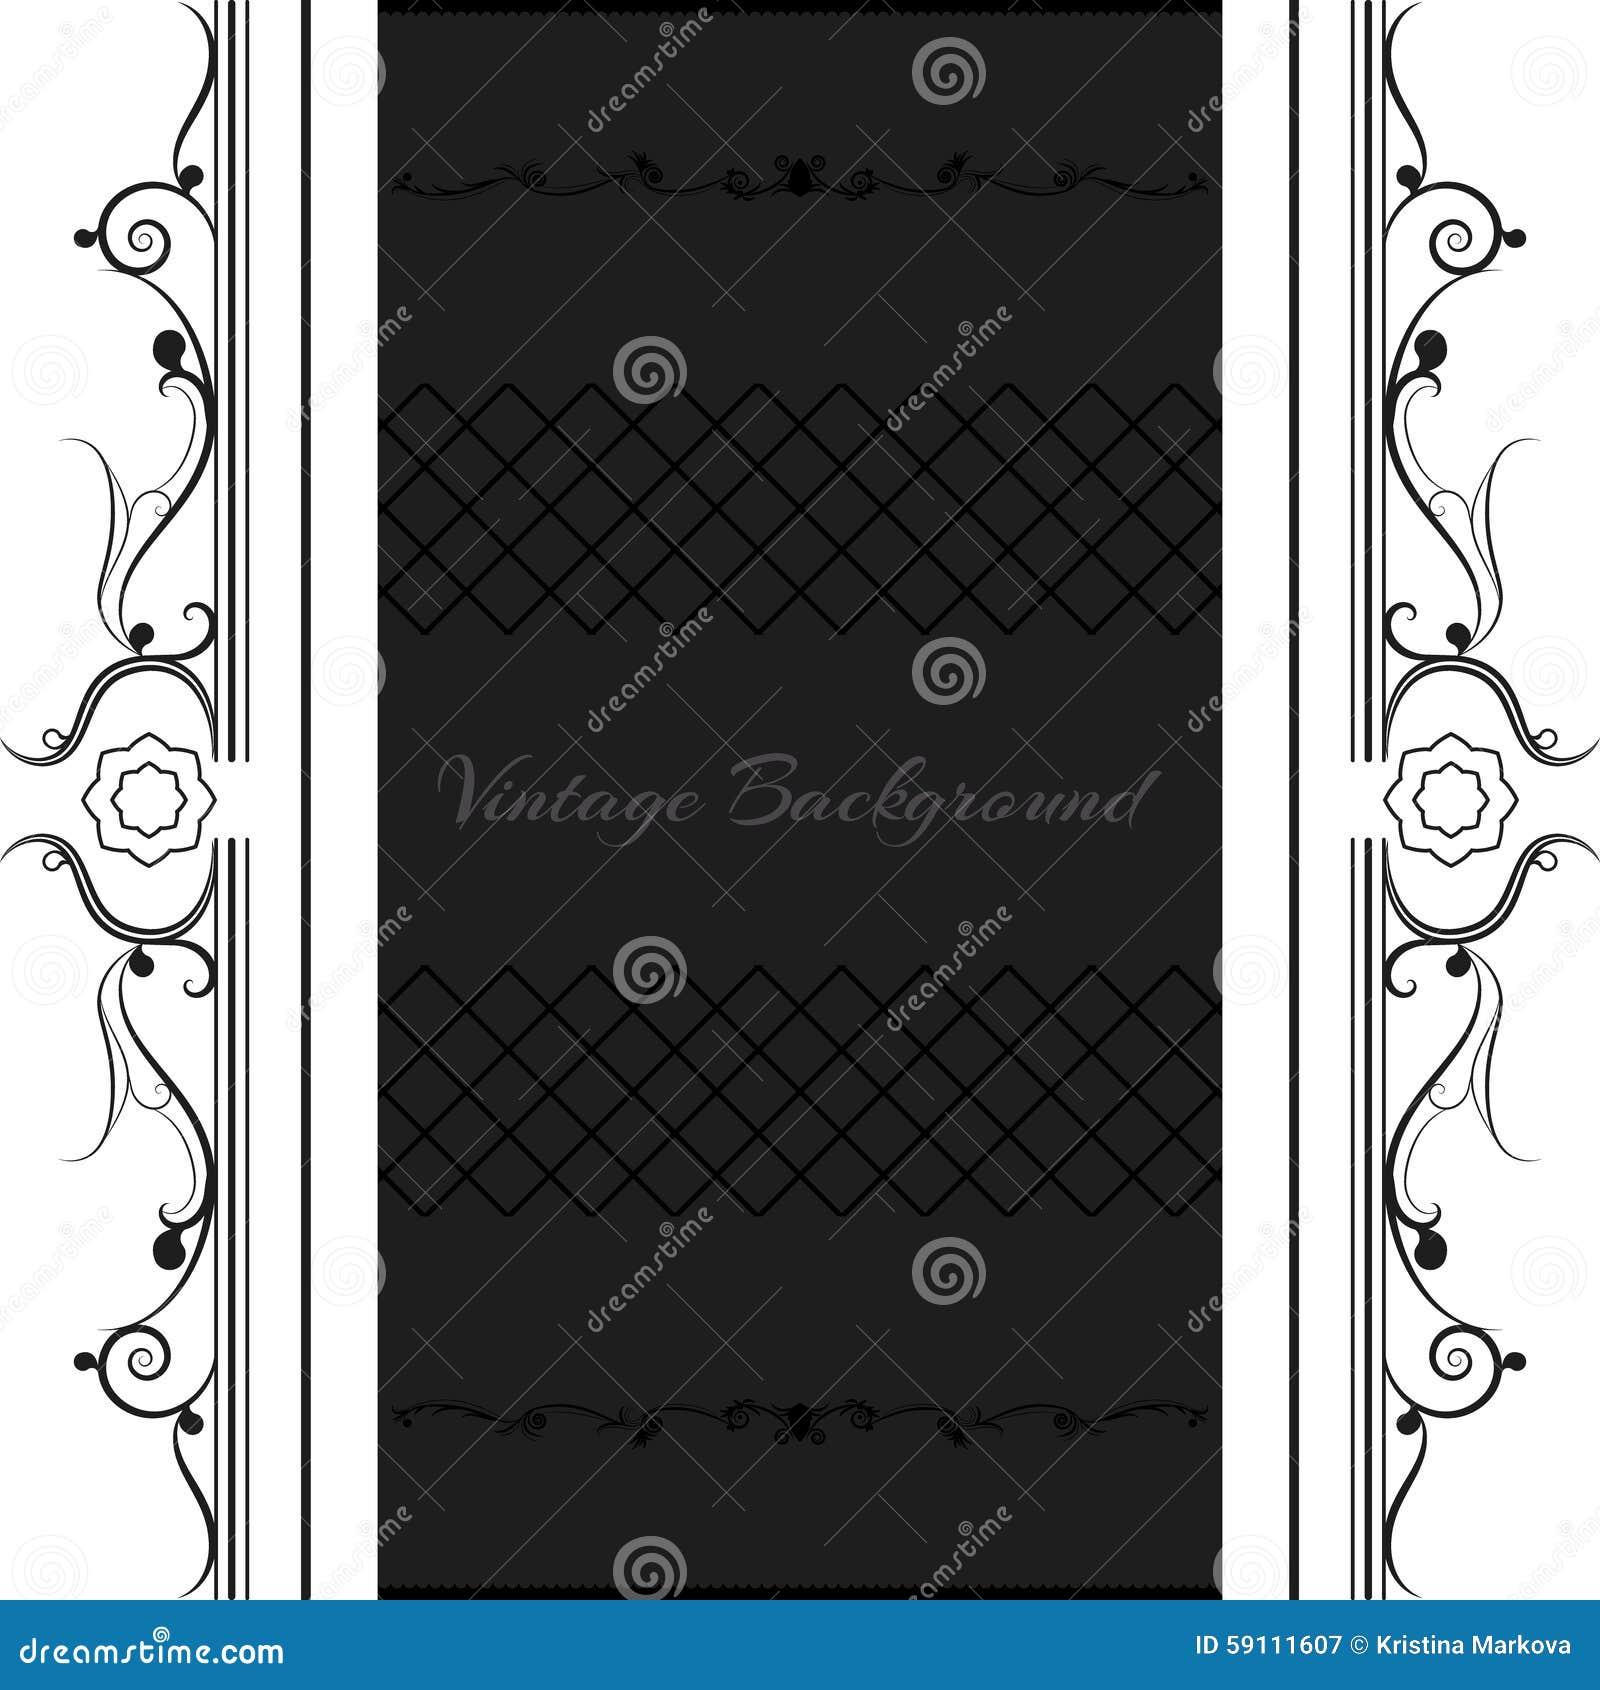 葡萄酒背景框架设计黑色